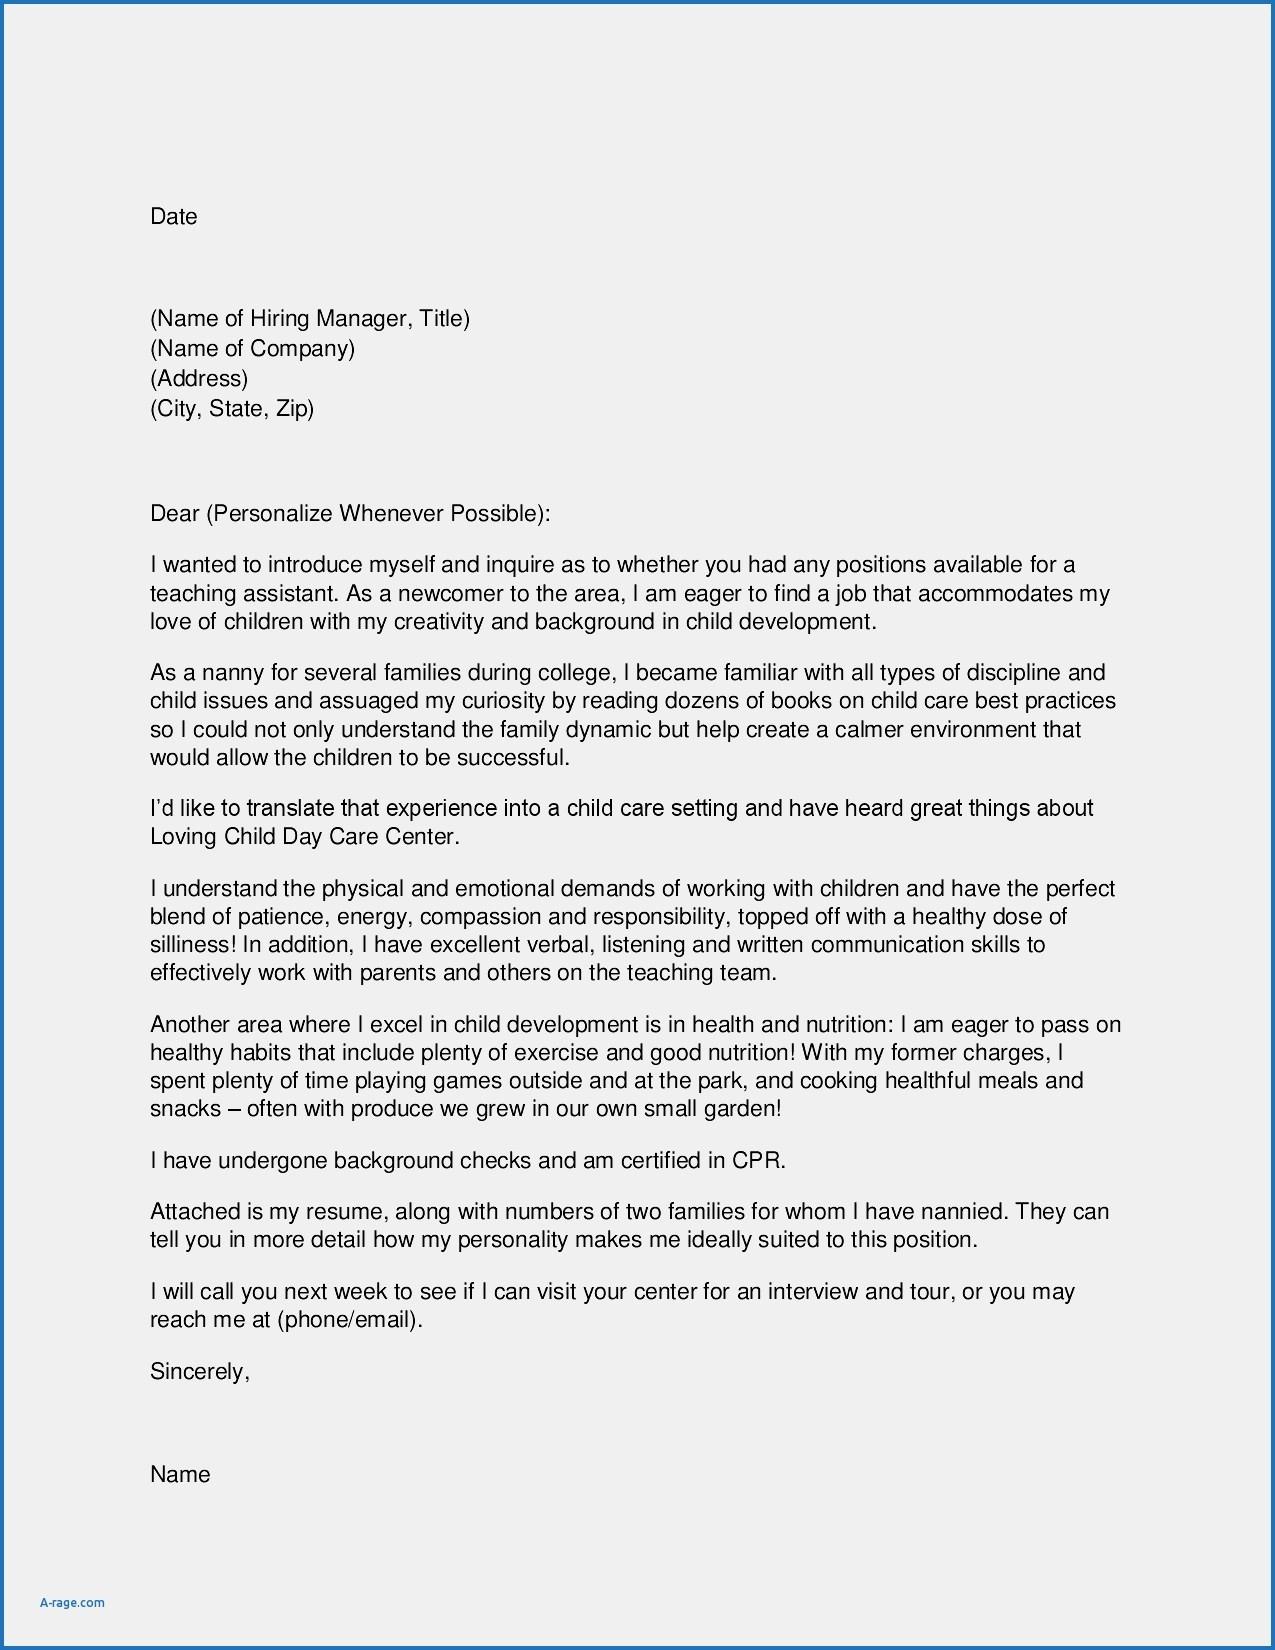 Affidavit Of Support Template Letter - form I 485 Sample New 30 Luxury Job Letter for Affidavit Support